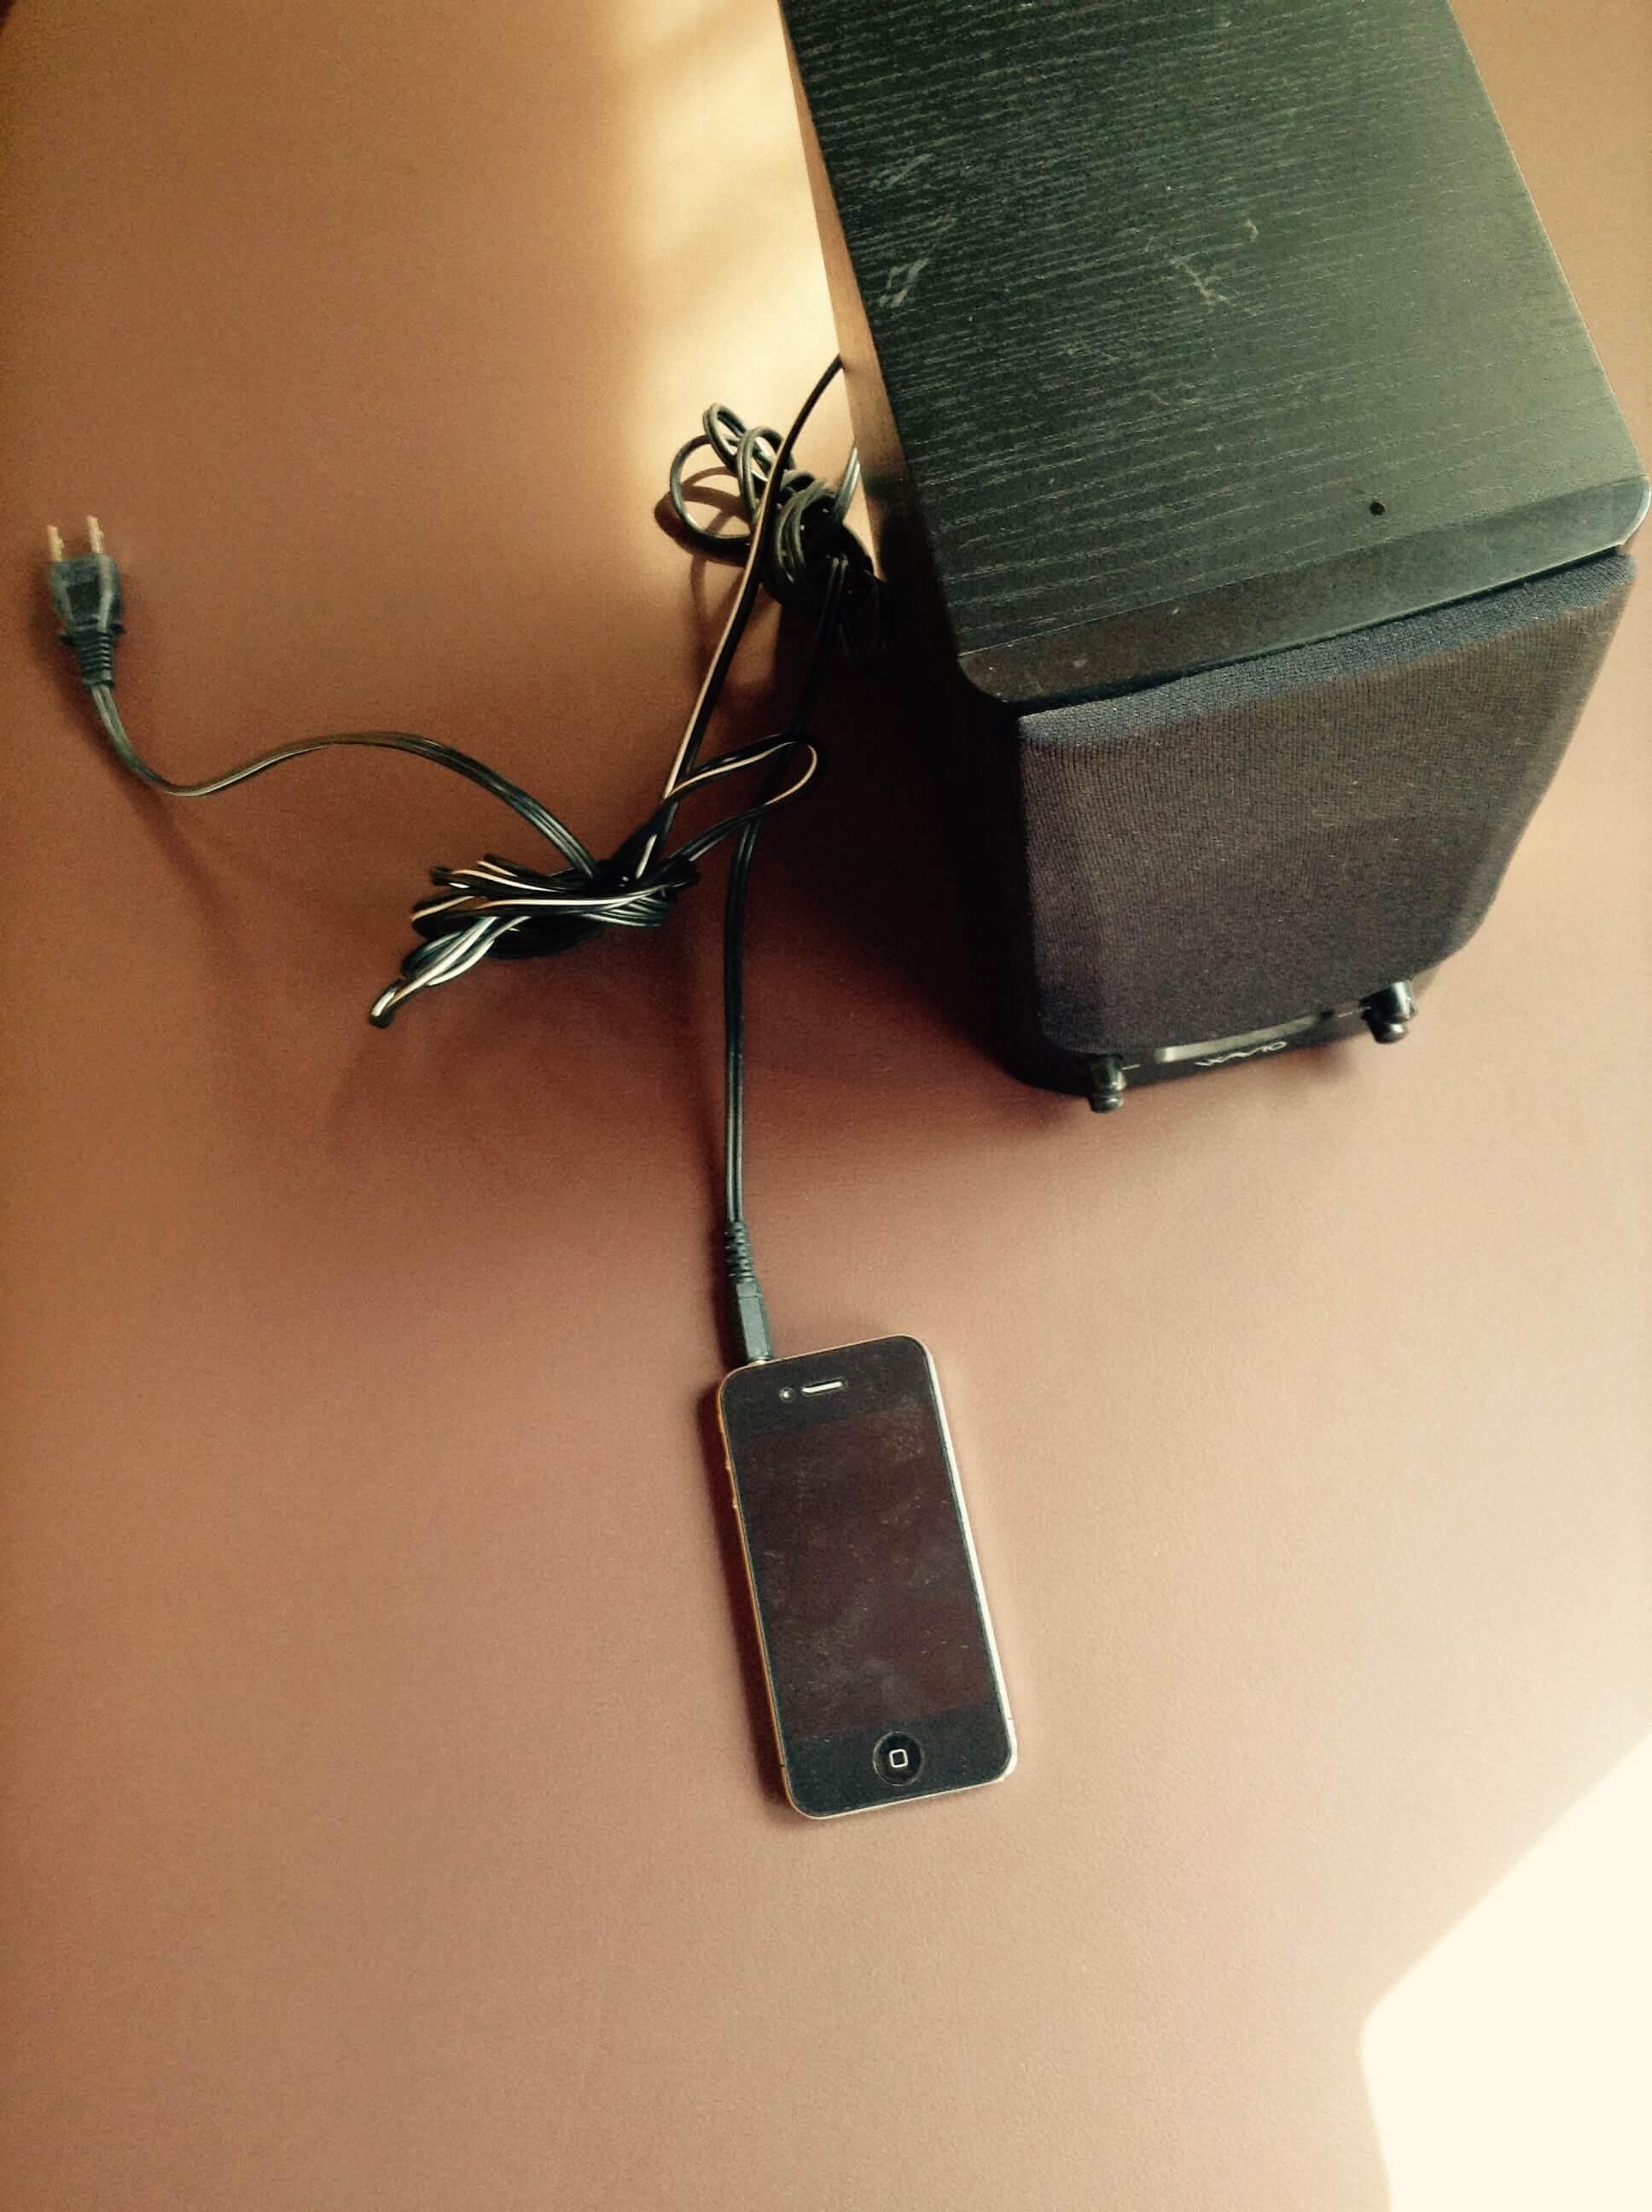 イベントやBBQのBGMにiPhoneを使うならオンキヨーのスピーカー『GX-70HD』がおすすめ